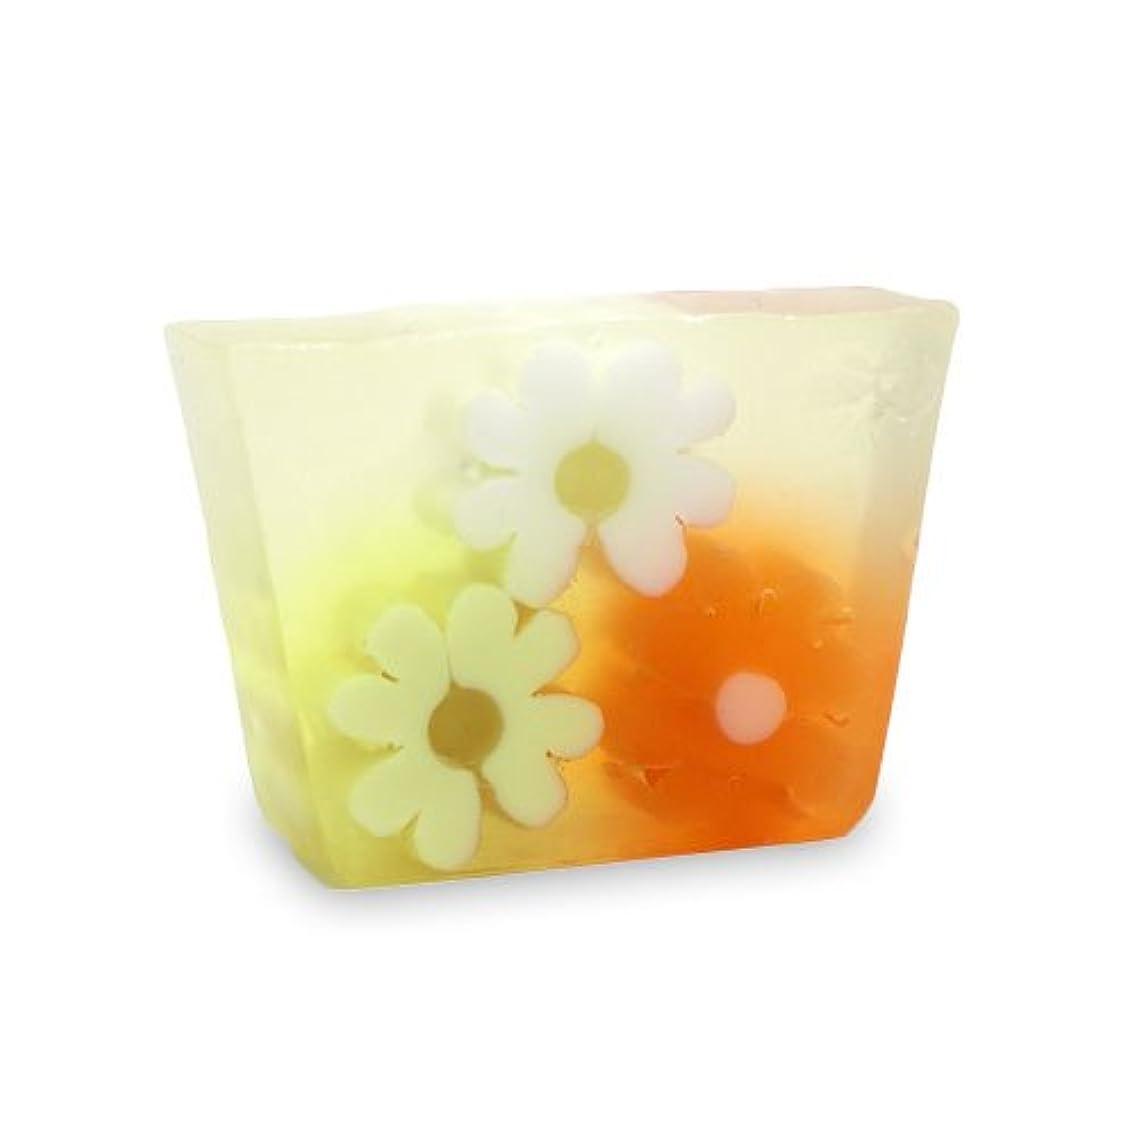 上下する稼ぐゴシッププライモールエレメンツ アロマティック ミニソープ オレンジフラワーショップ 80g 植物性 ナチュラル 石鹸 無添加